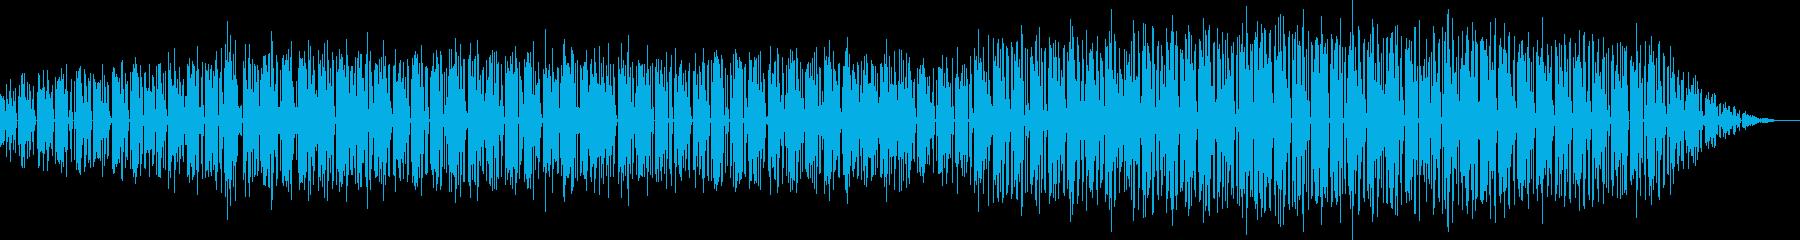 レゲエのリズムによる楽曲の再生済みの波形